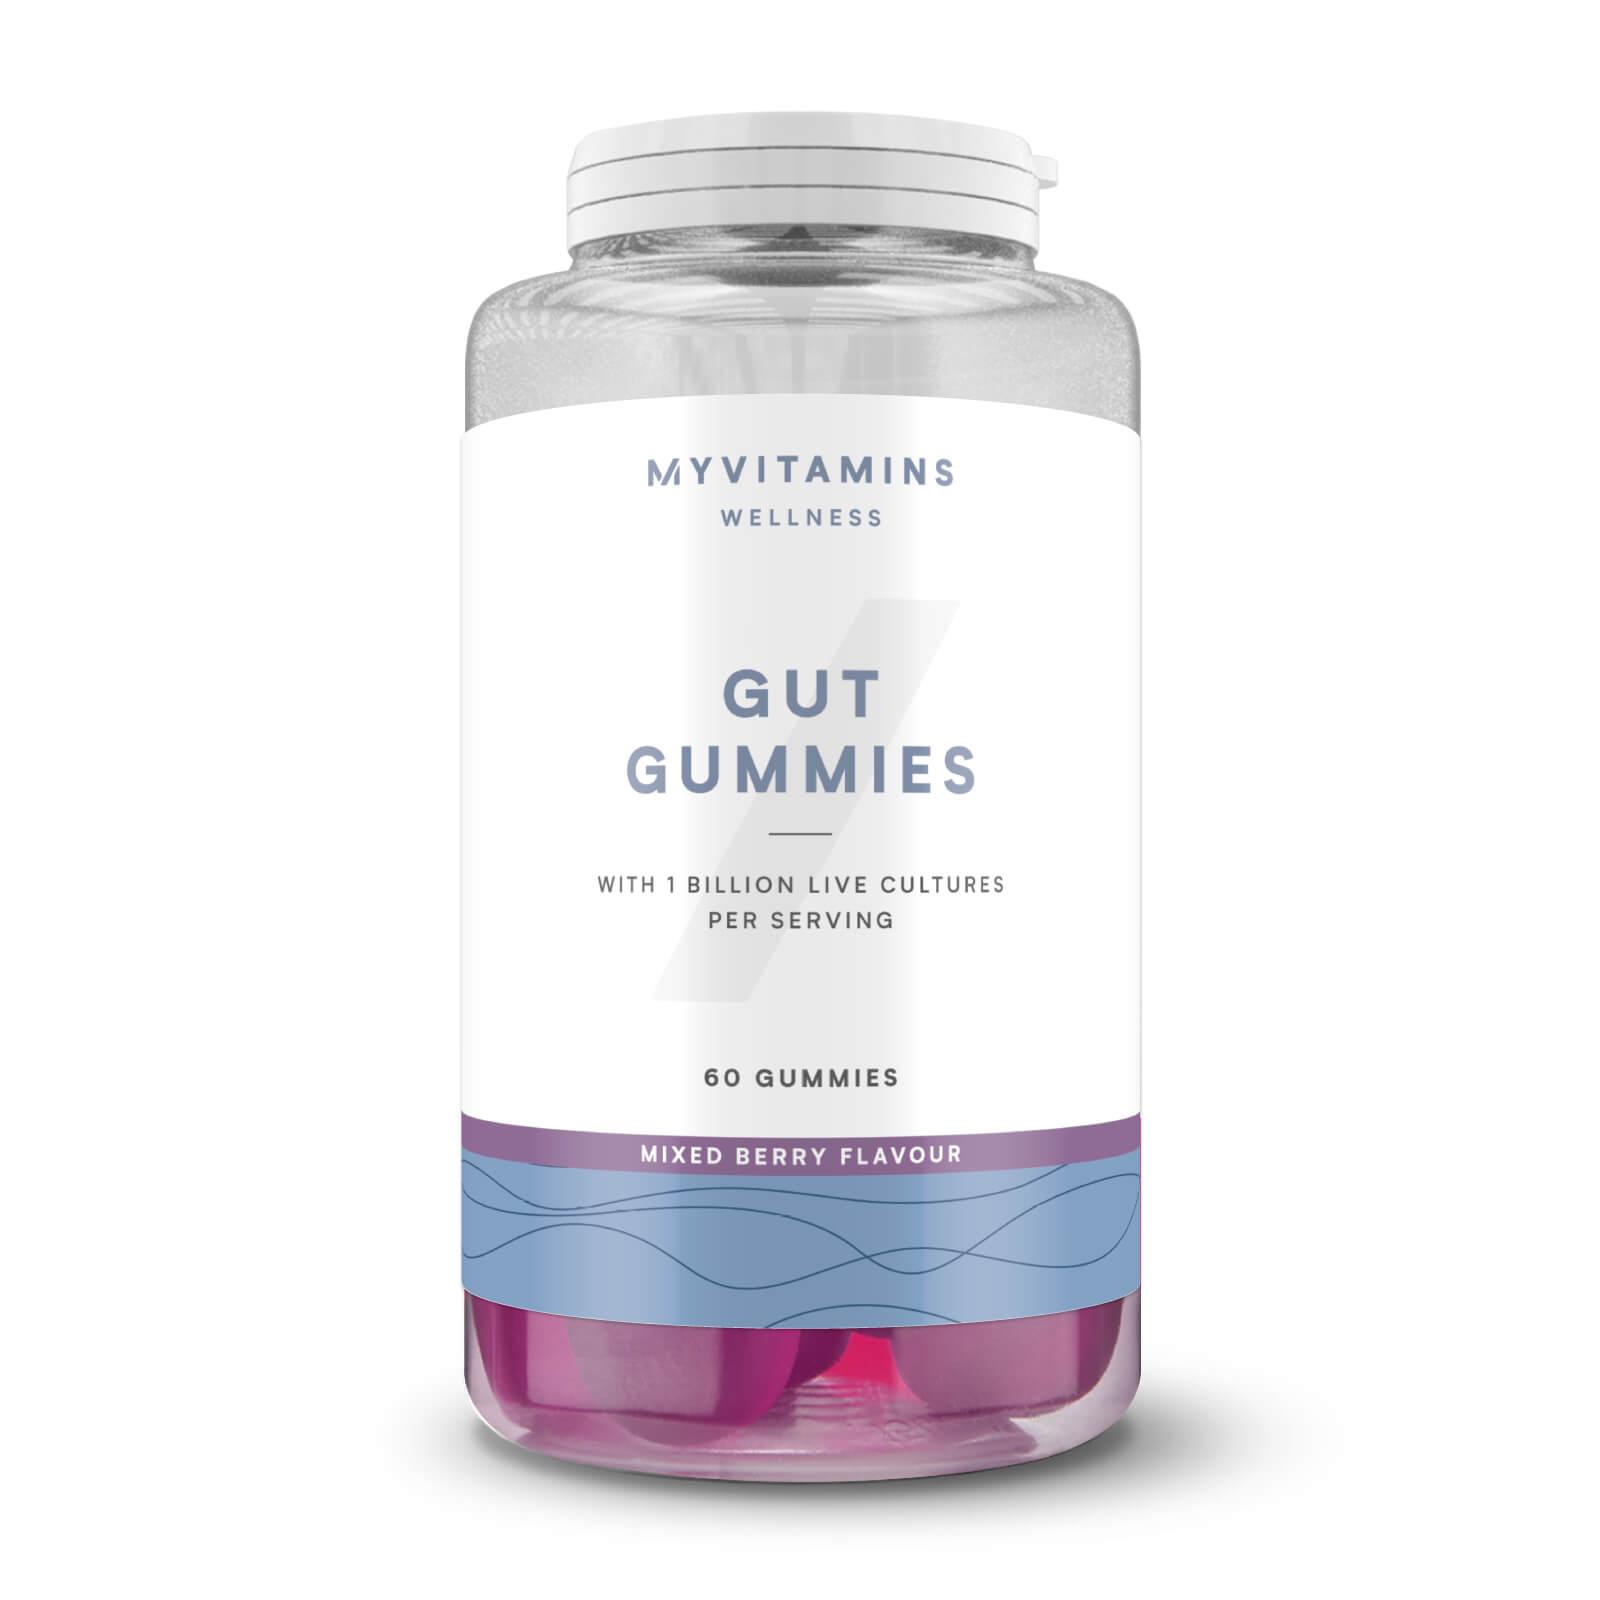 Myvitamins Caramelloe Gommose per la Salute Intestinale - 60servings - Frutti di bosco